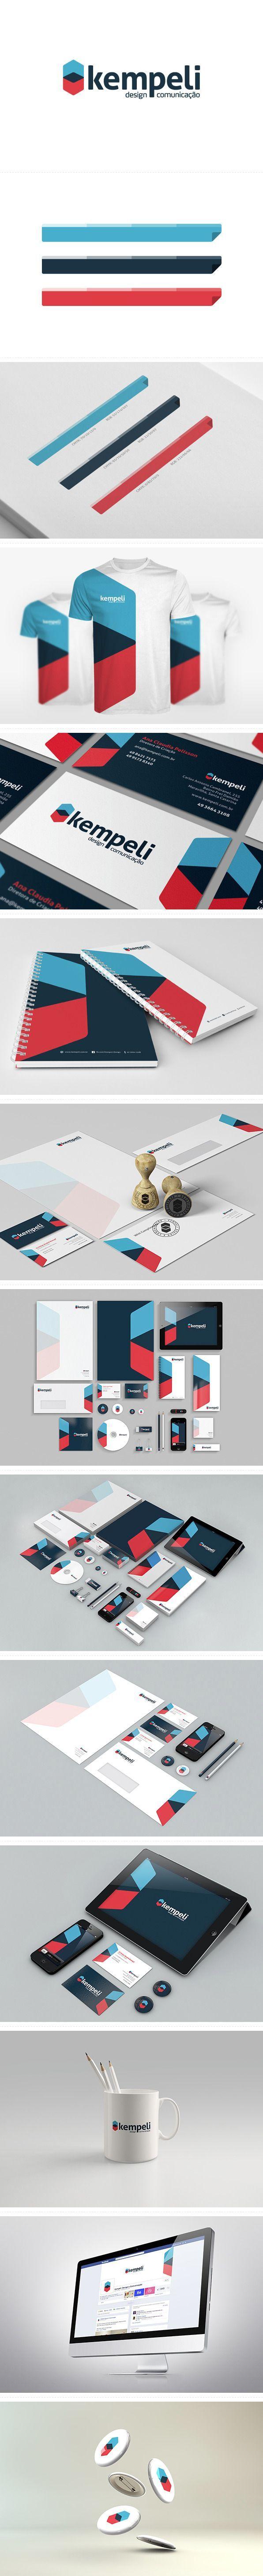 Cassandra cappello graphic design toronto - Rebranding By Kempeli Design E Comunica O Via Behance